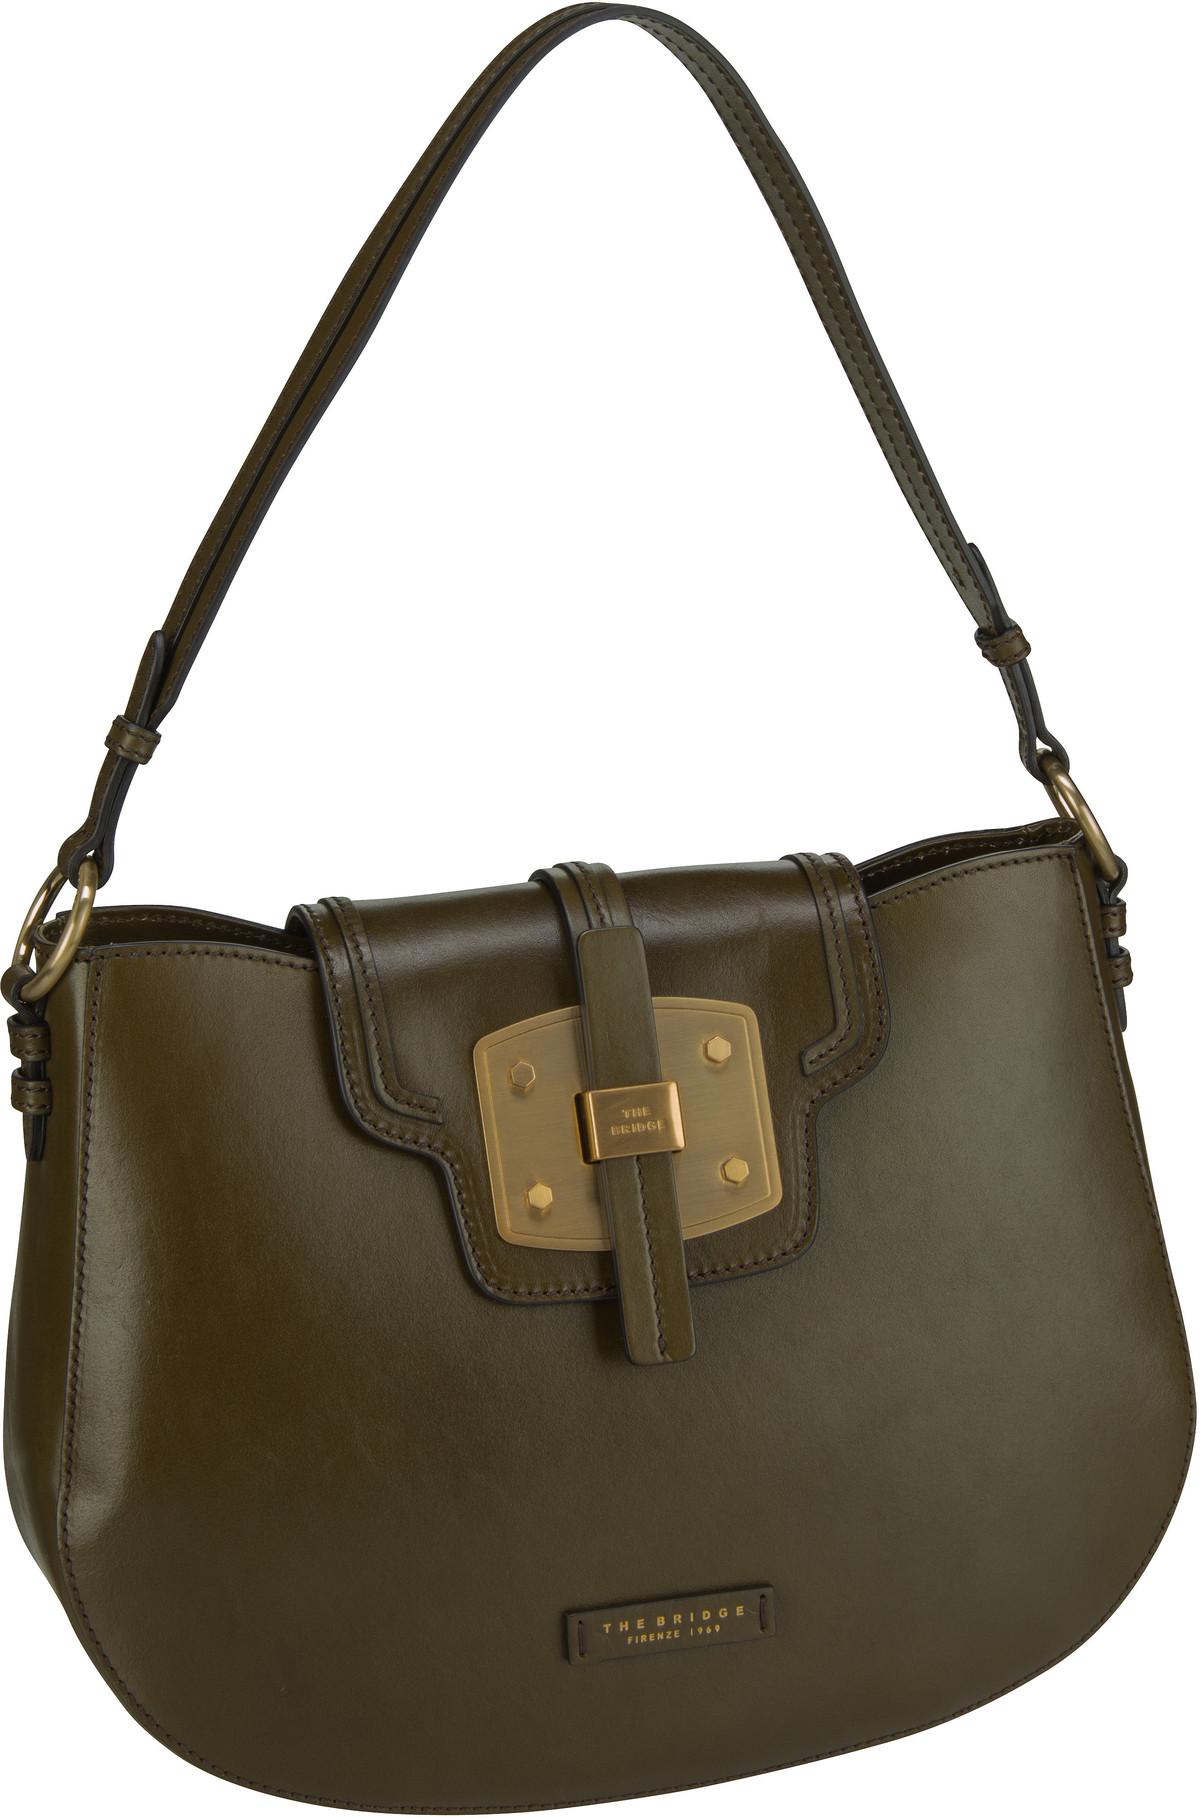 Handtasche Lambertesca Hobo Bag 1829 Green Bosco